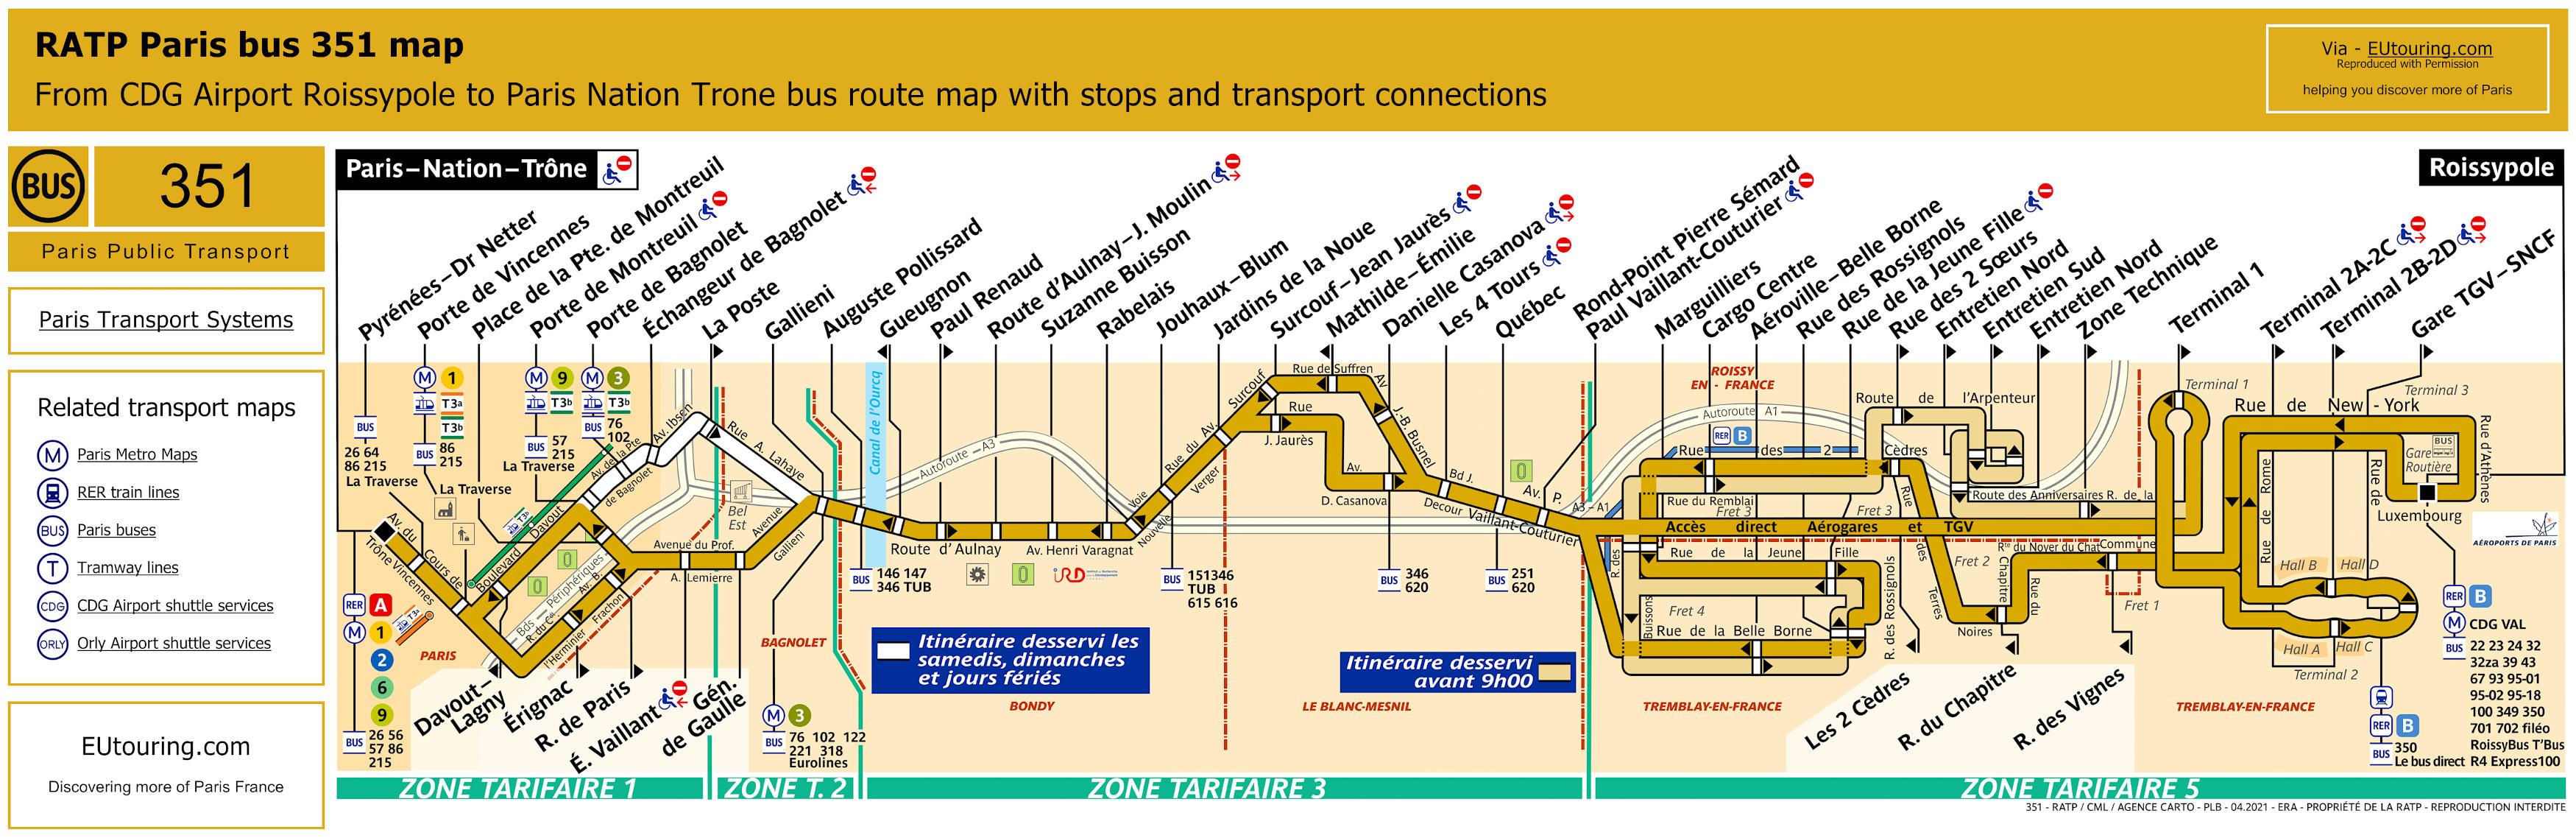 Ratp route maps for paris bus lines 350 through to 359 - Bus 351 paris ...